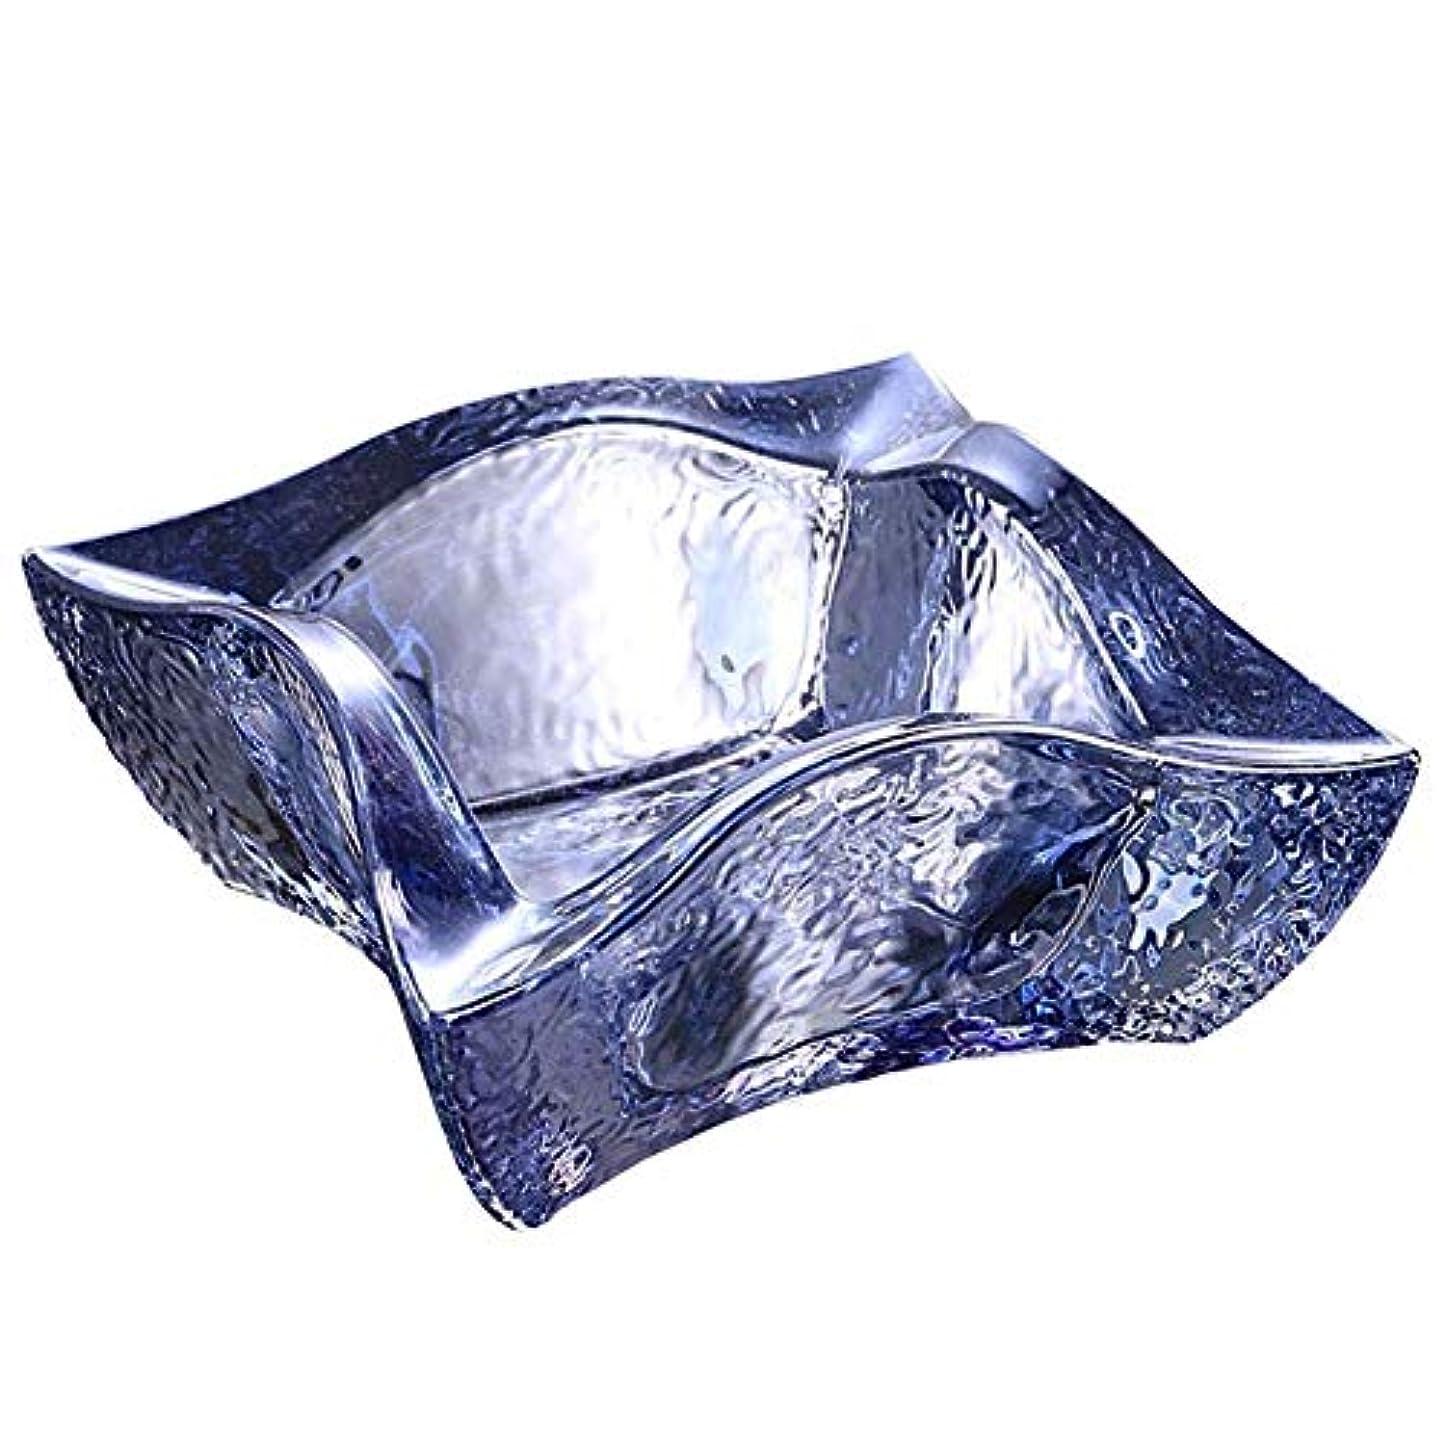 魂頑丈購入ファッション透明ガラスクリスタル灰皿クリエイティブオフィスリビングルームの装飾多機能灰皿(色:アクアブルー)